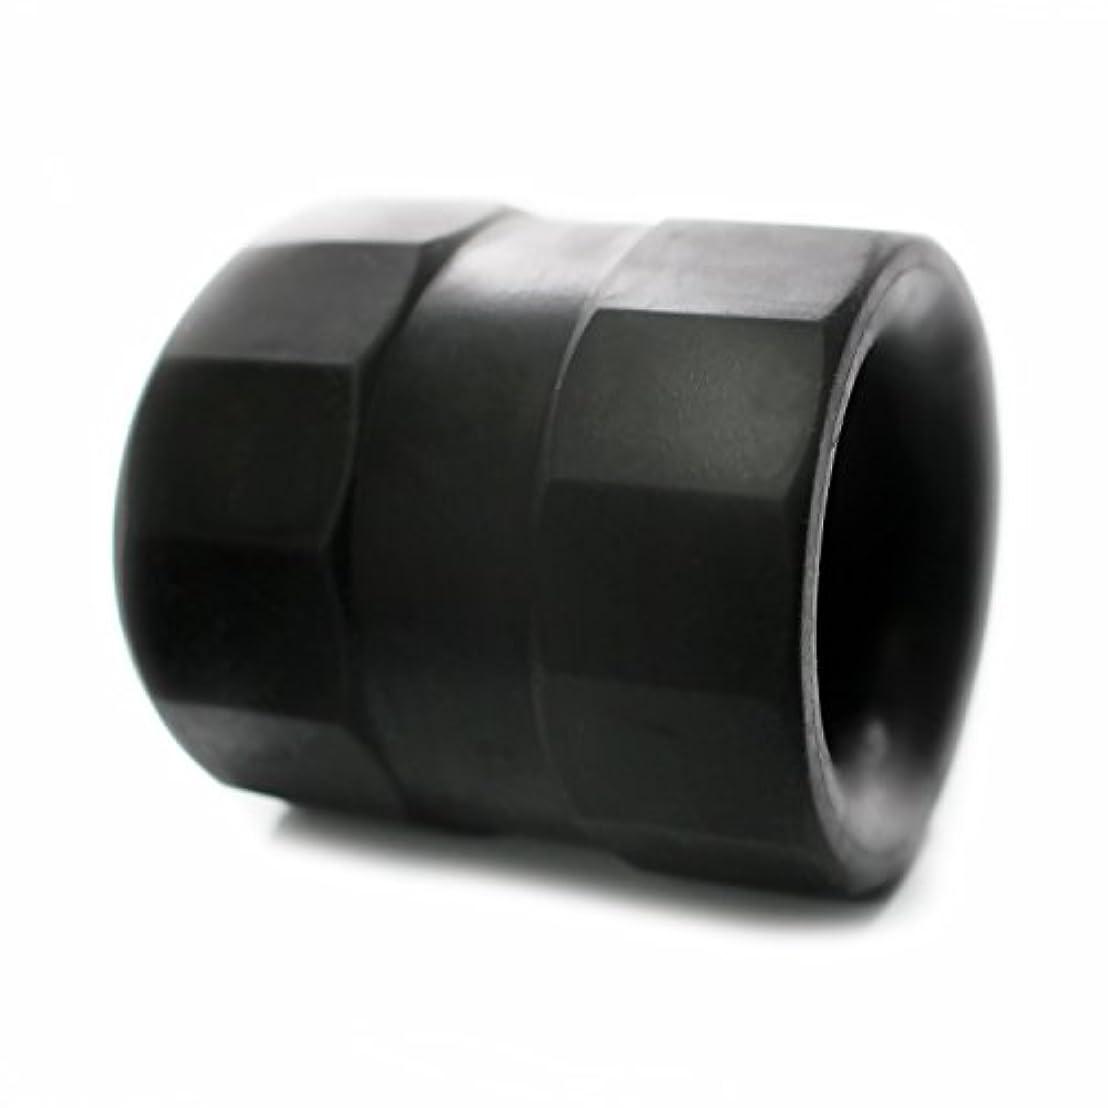 民間人はちみつ衣類スーパーボールストレッチ TPE ボールストレッチャー コックリング 129 (ブラック)